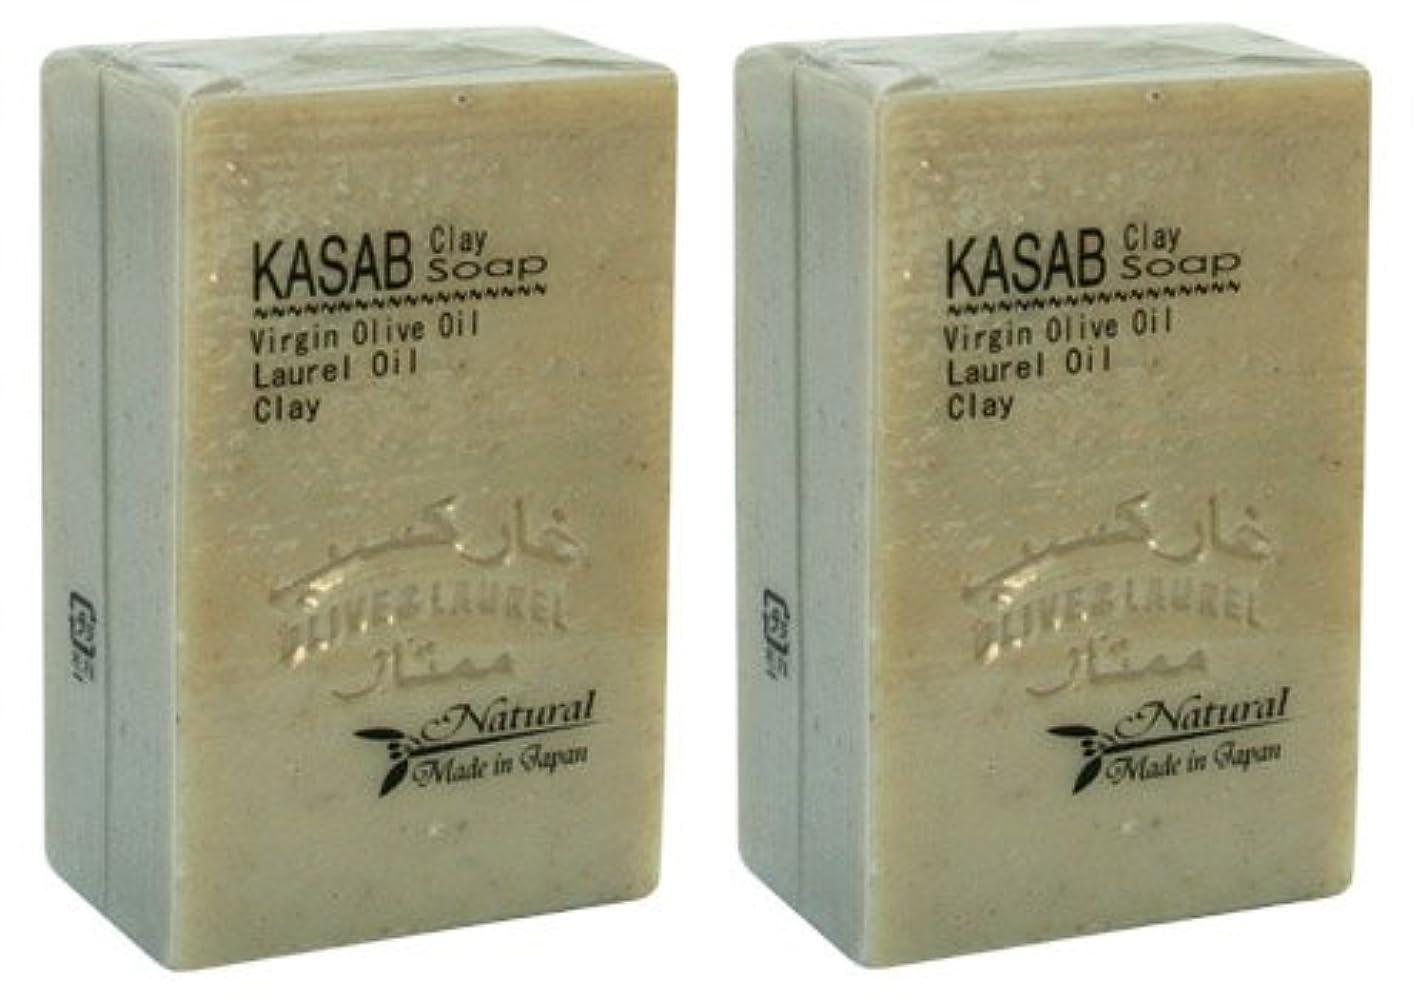 成り立つトークン蒸留するカサブクレイ石鹸2個セット